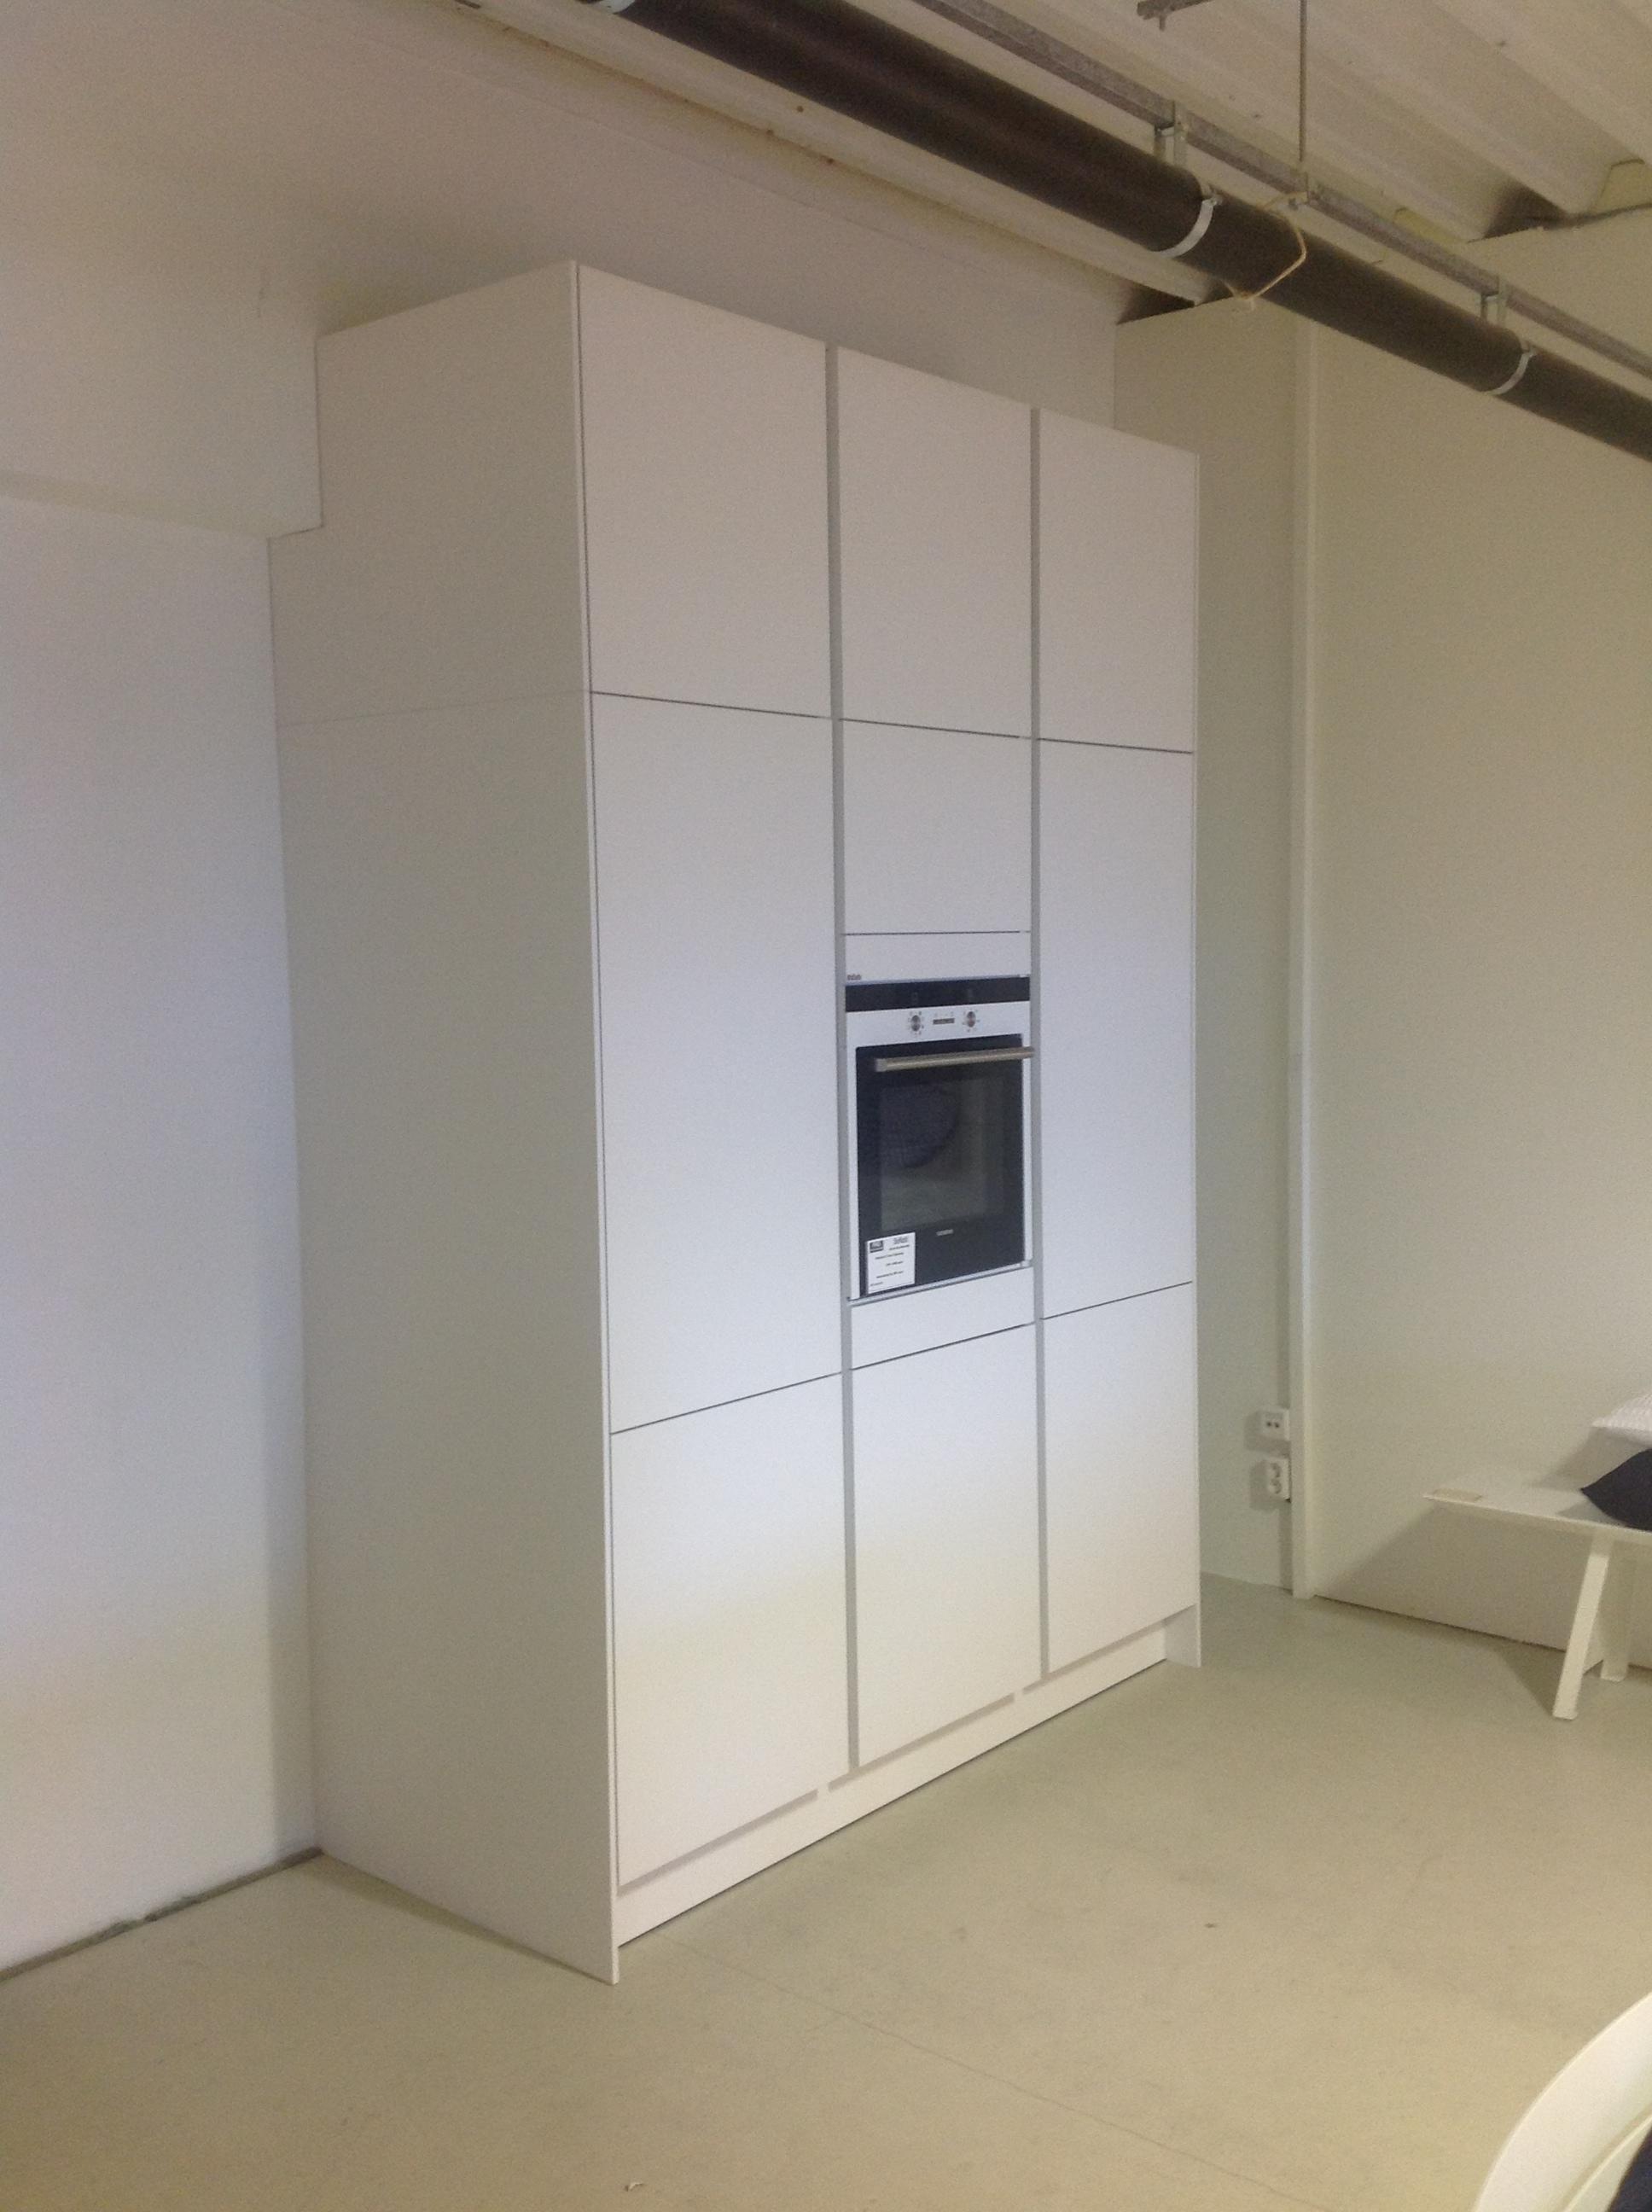 Keuken Greeploos Mat Wit : aanbiedingen uit Nederland keukens voor zeer lage keuken